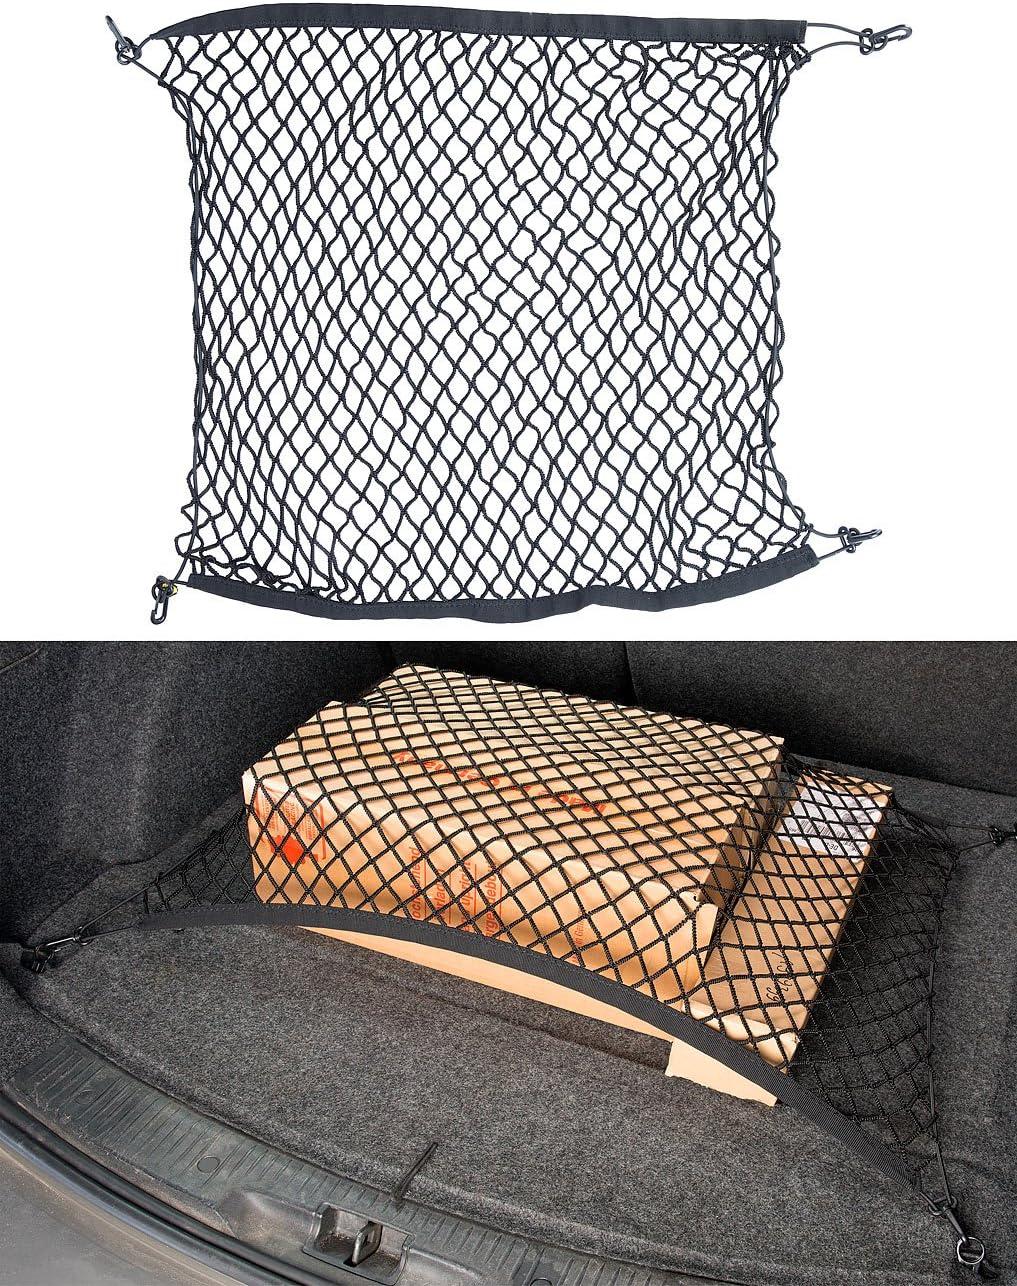 Kofferraum Gep/äcknetz Urben Life Universal Auto Netz Decke F/ür Auto Van SUV Usw Gr/ö/ße: 90 65 cm // 35,43 25,59 Zoll Kofferraumnetz Schutznetz Mit Rei/ßverschluss